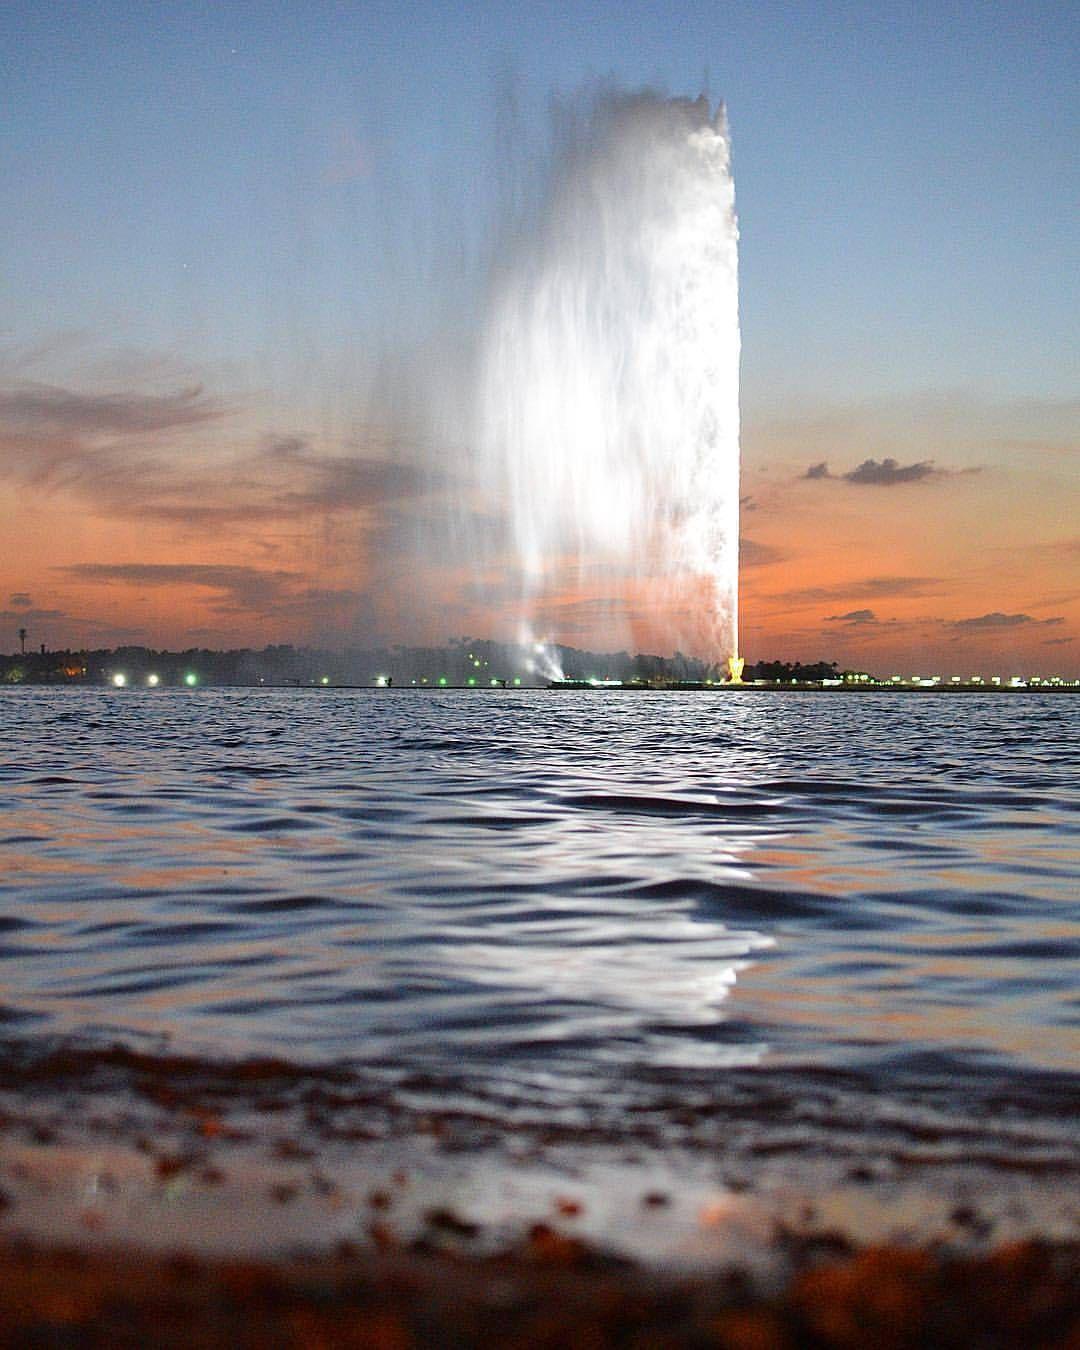 ㅤ مساء الخير من جدة ㅤ ㅤ By Alsubaie Muteb ㅤ ㅤ أ لترشيحها كصورة الاسبوع متابعبتعليق منفصل 10 ب التقييم مـن 5 ــــــــــــــــ Outdoor Waterfall City